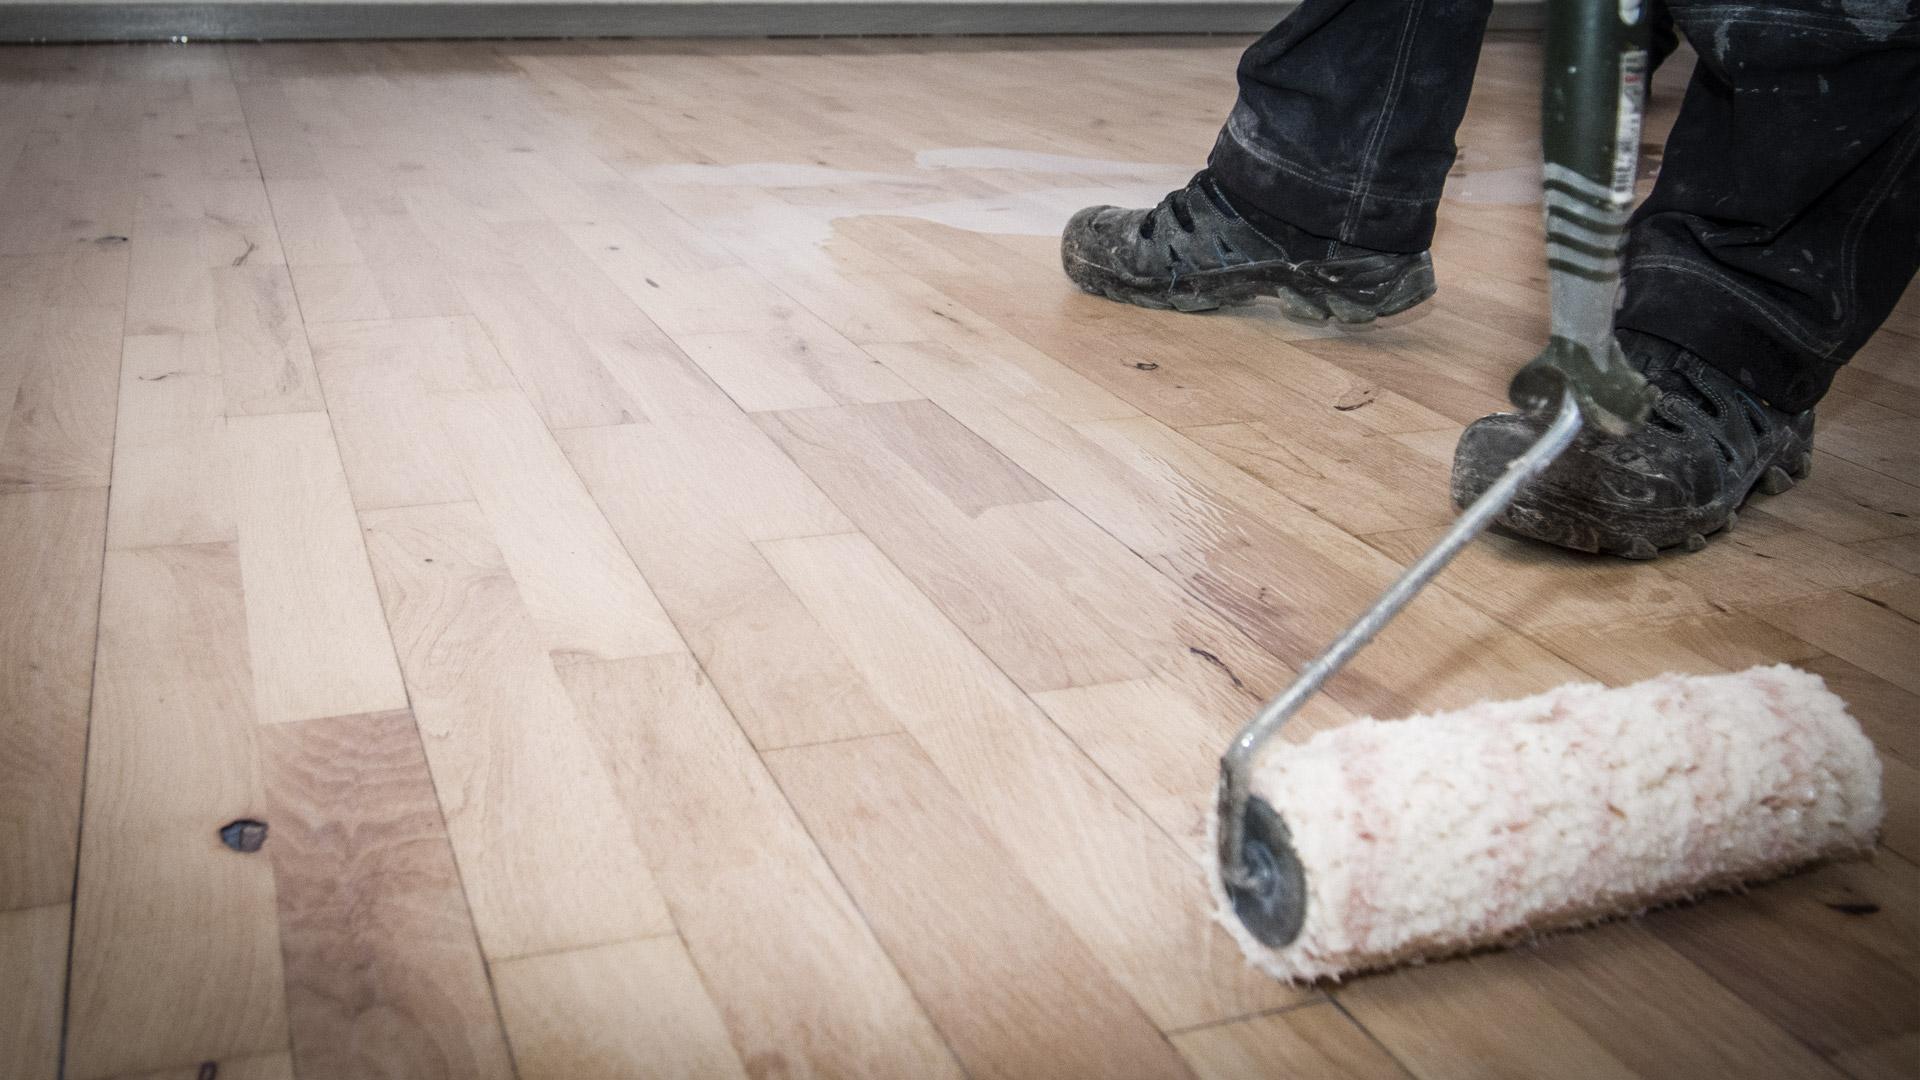 Afslibning og lakering af gulve